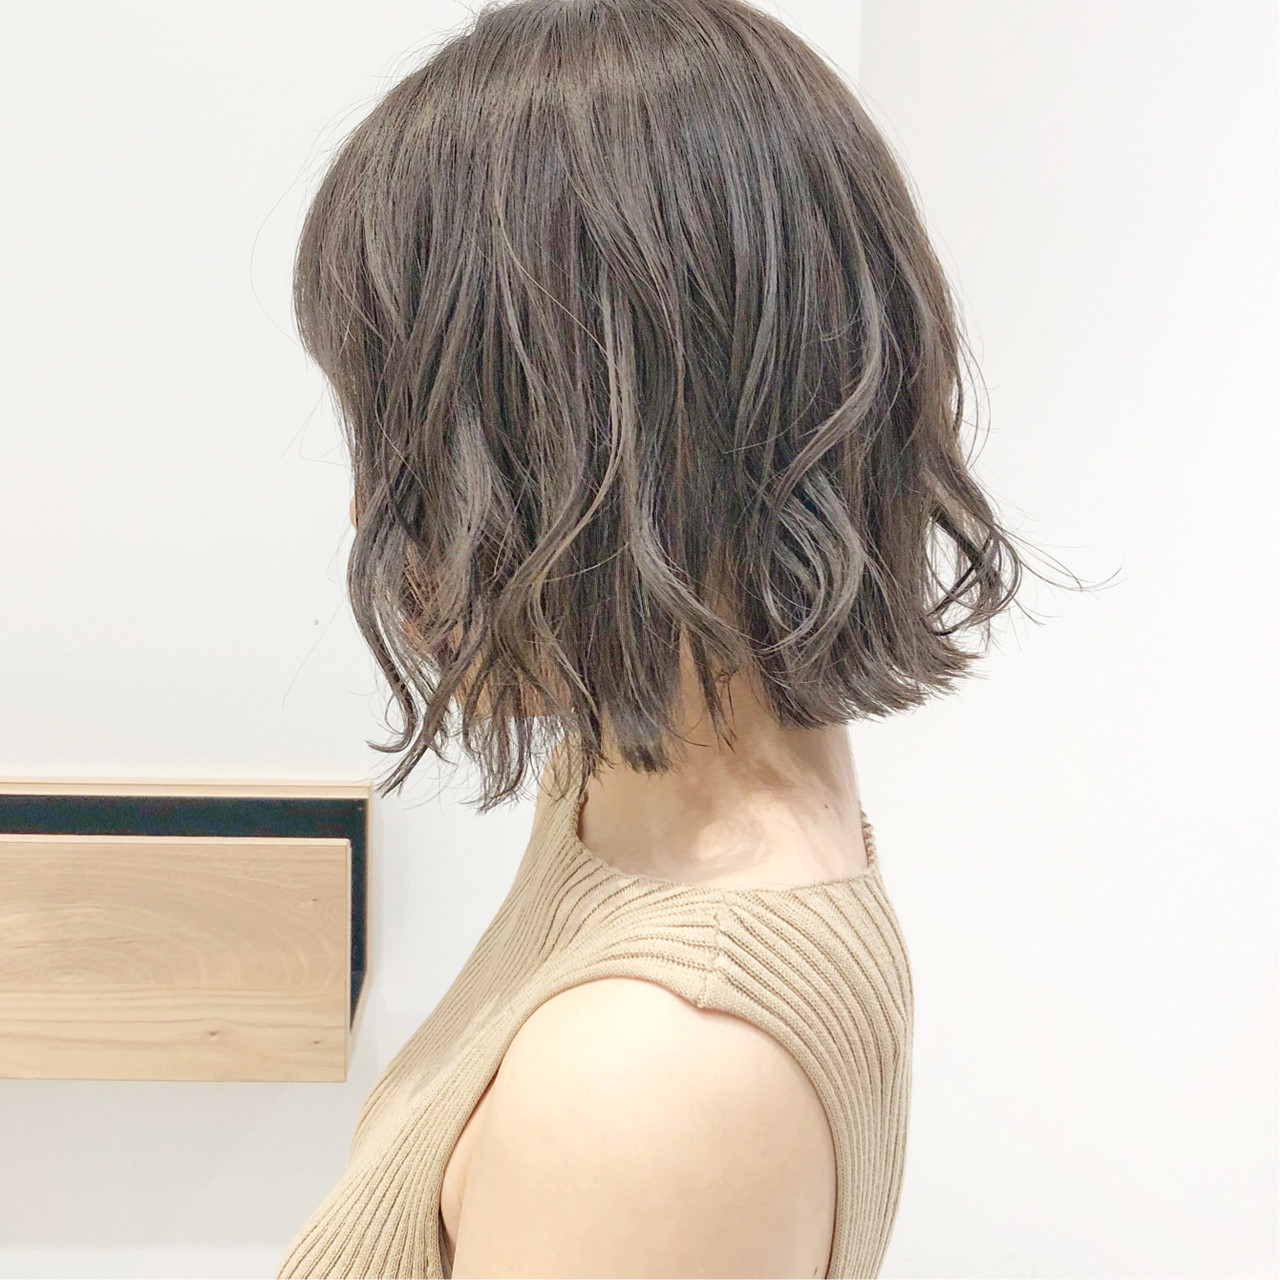 ナチュラル デート ボブ スポーツ ヘアスタイルや髪型の写真・画像 | 『ボブ美容師』永田邦彦 表参道 / send by HAIR